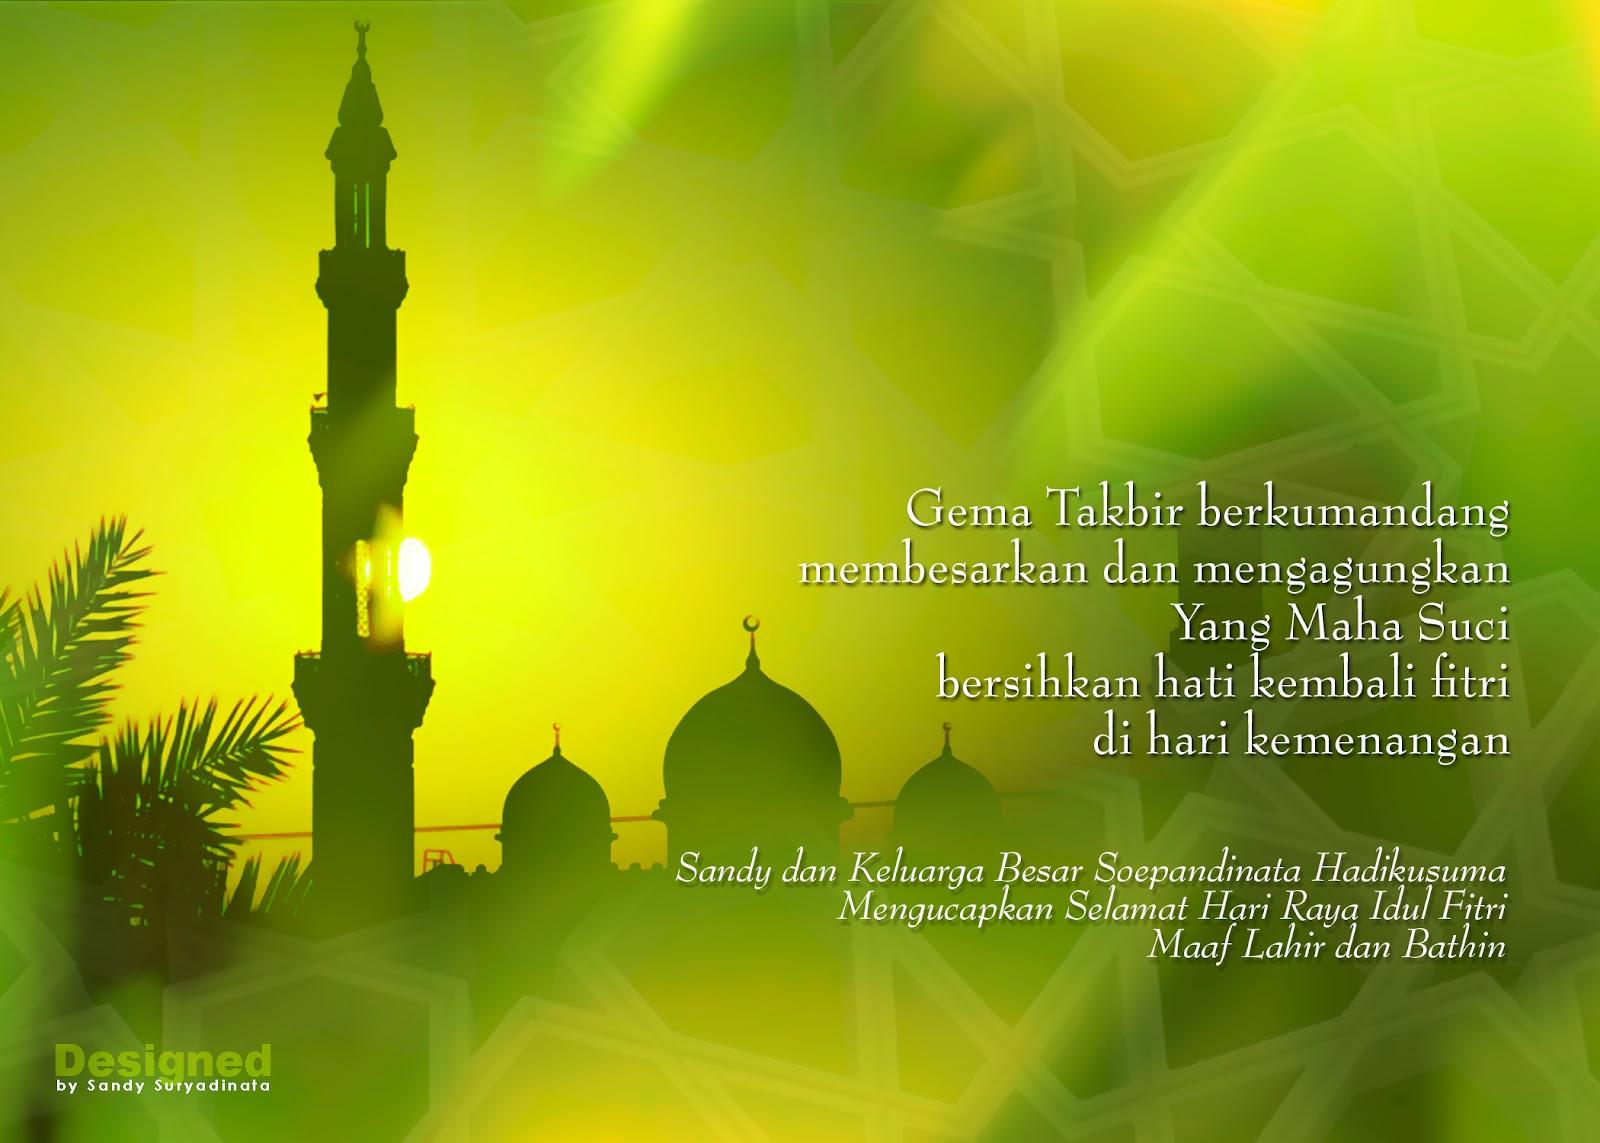 Gambar kartu ucapan Ramadhan 2012 Terlengkap - Kumpulan ...